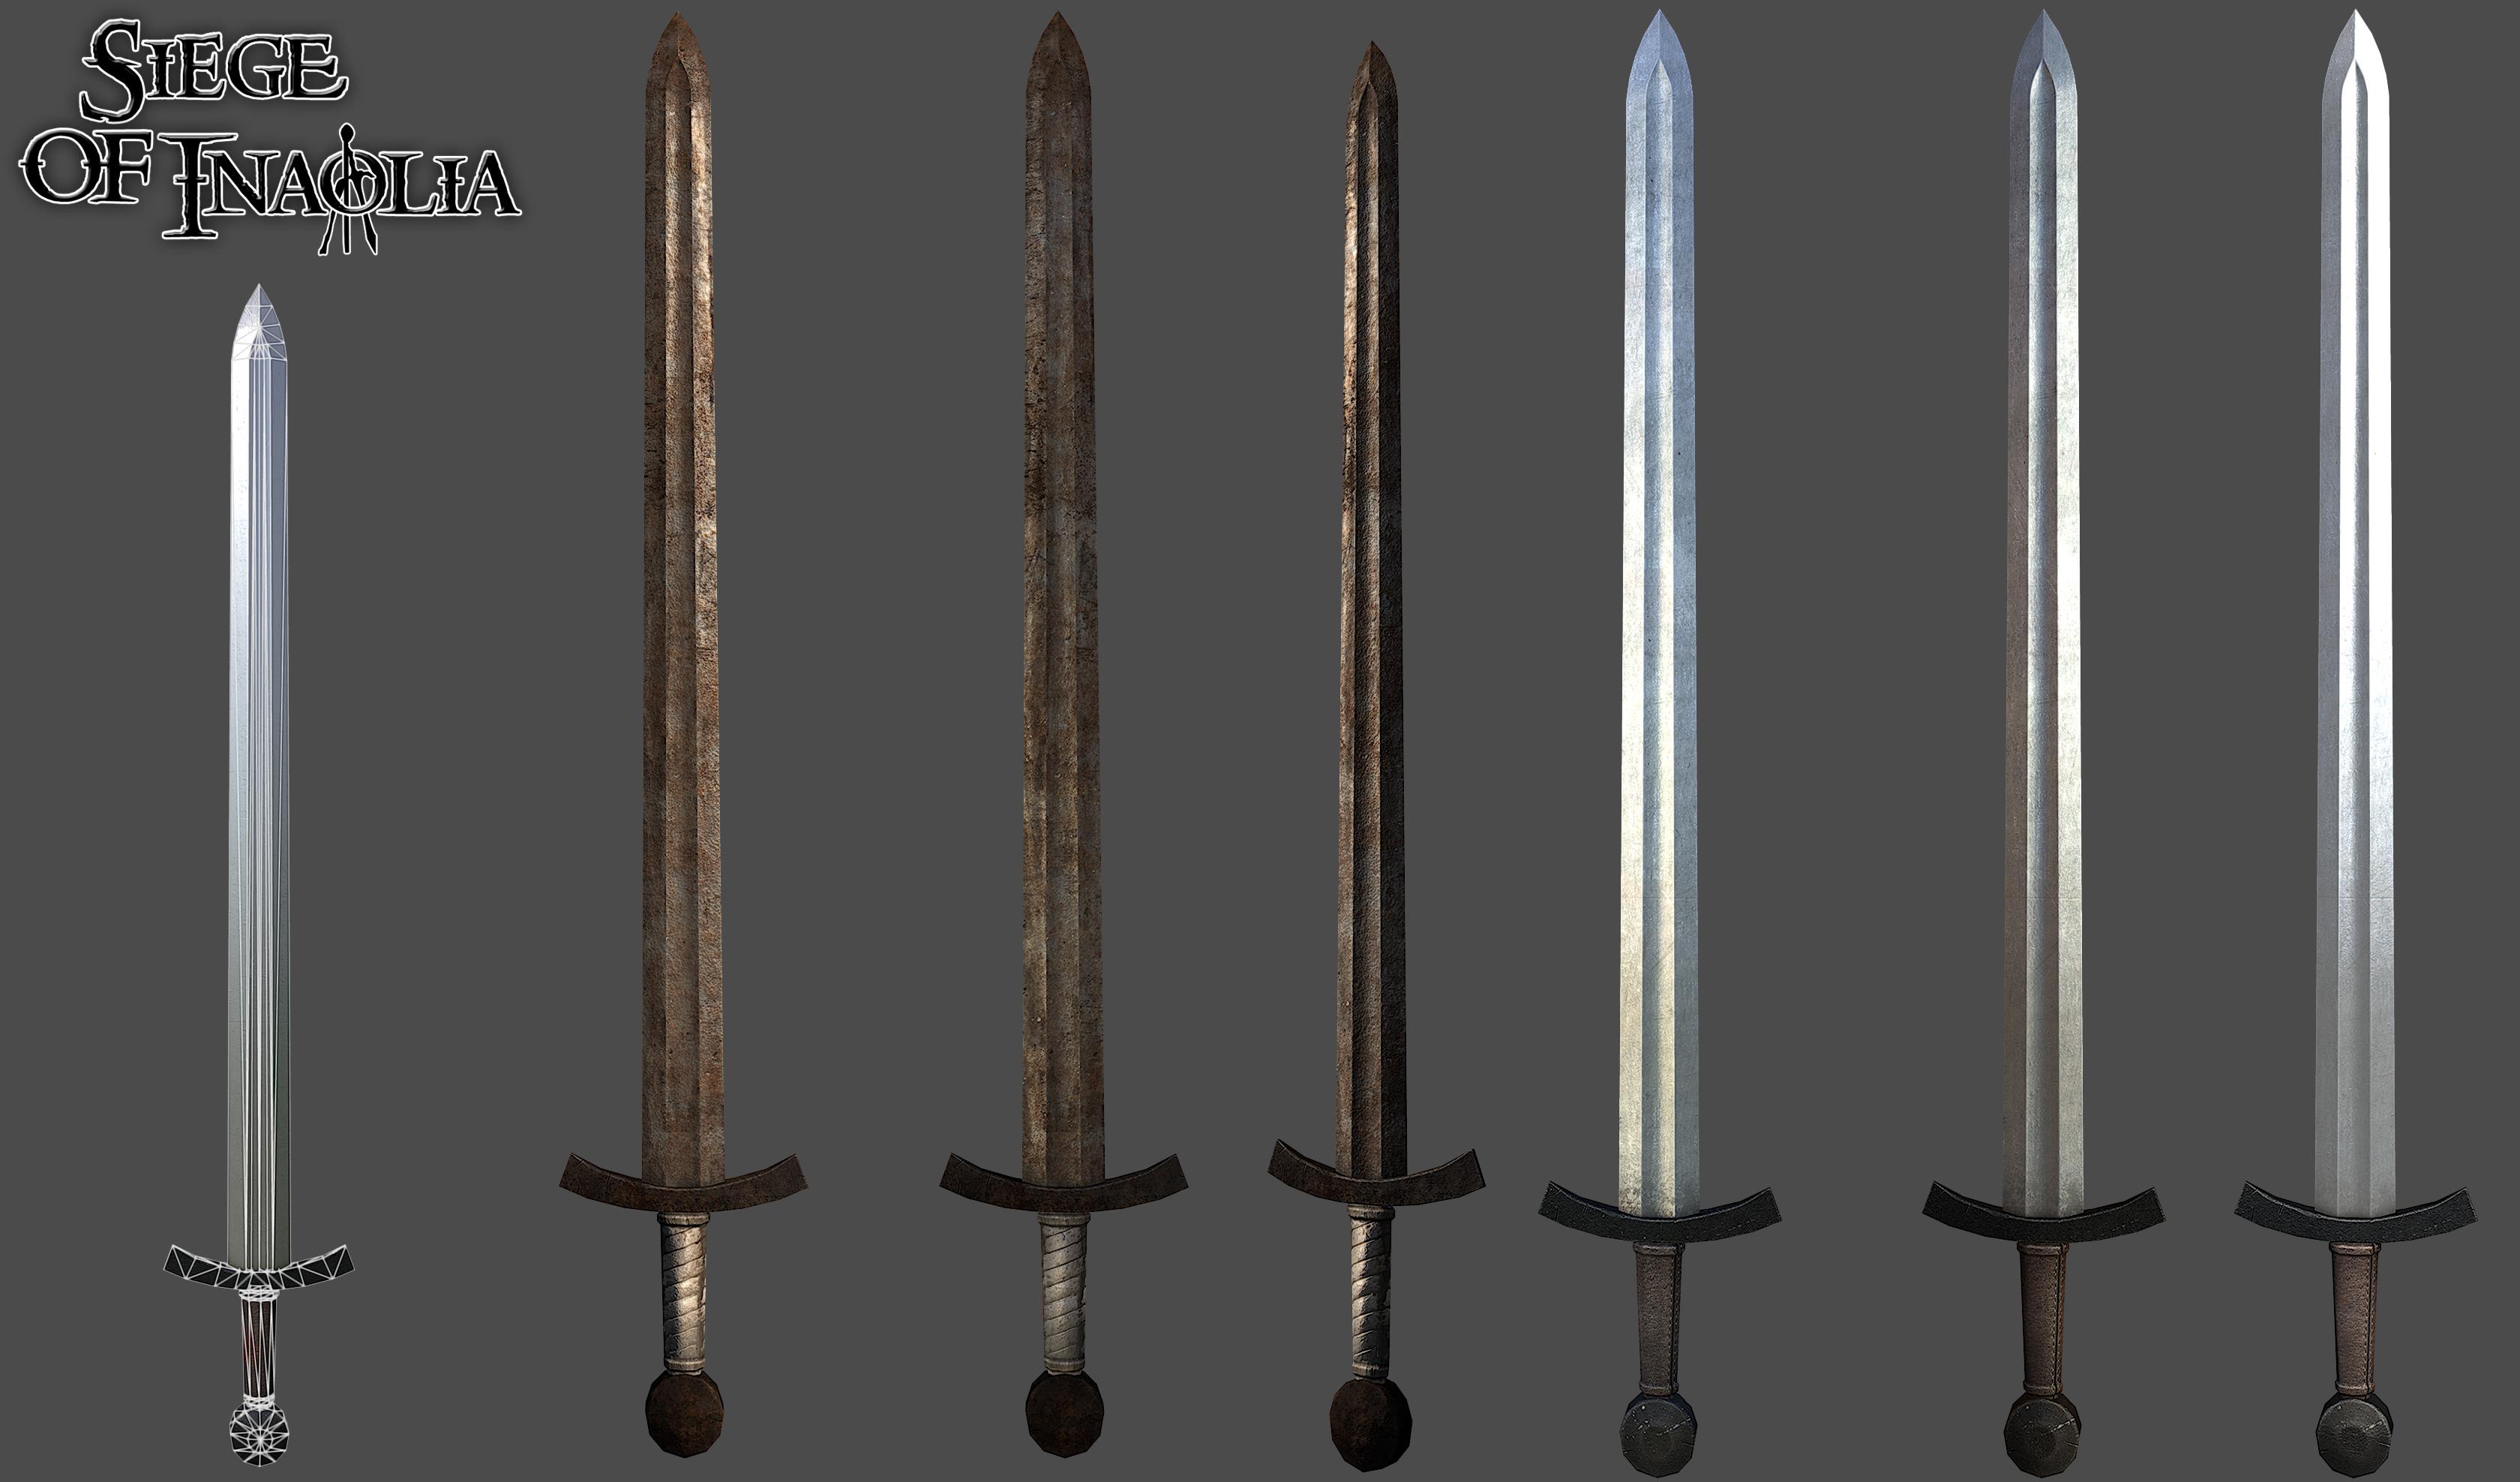 Renders/Screenshots - Common Sword image - Siege of ...